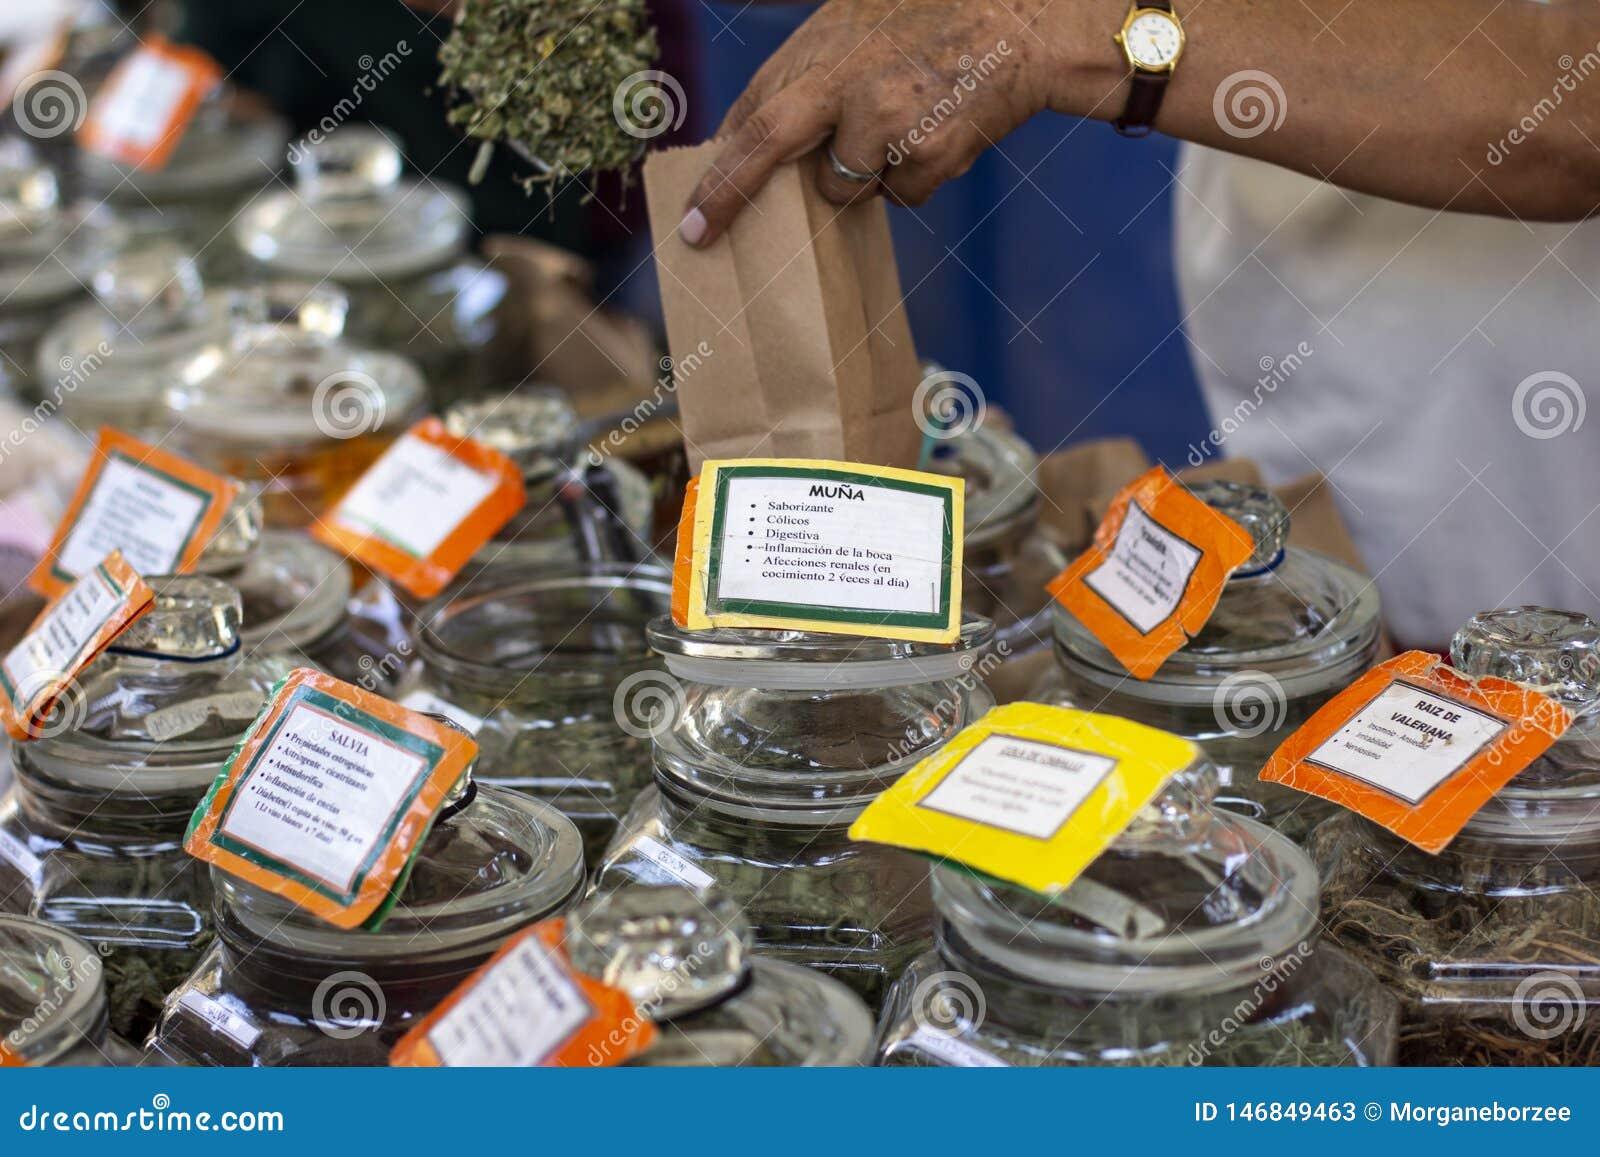 Muña-Anlage und andere Gläser mit getrockneten medizinischen Kräutern